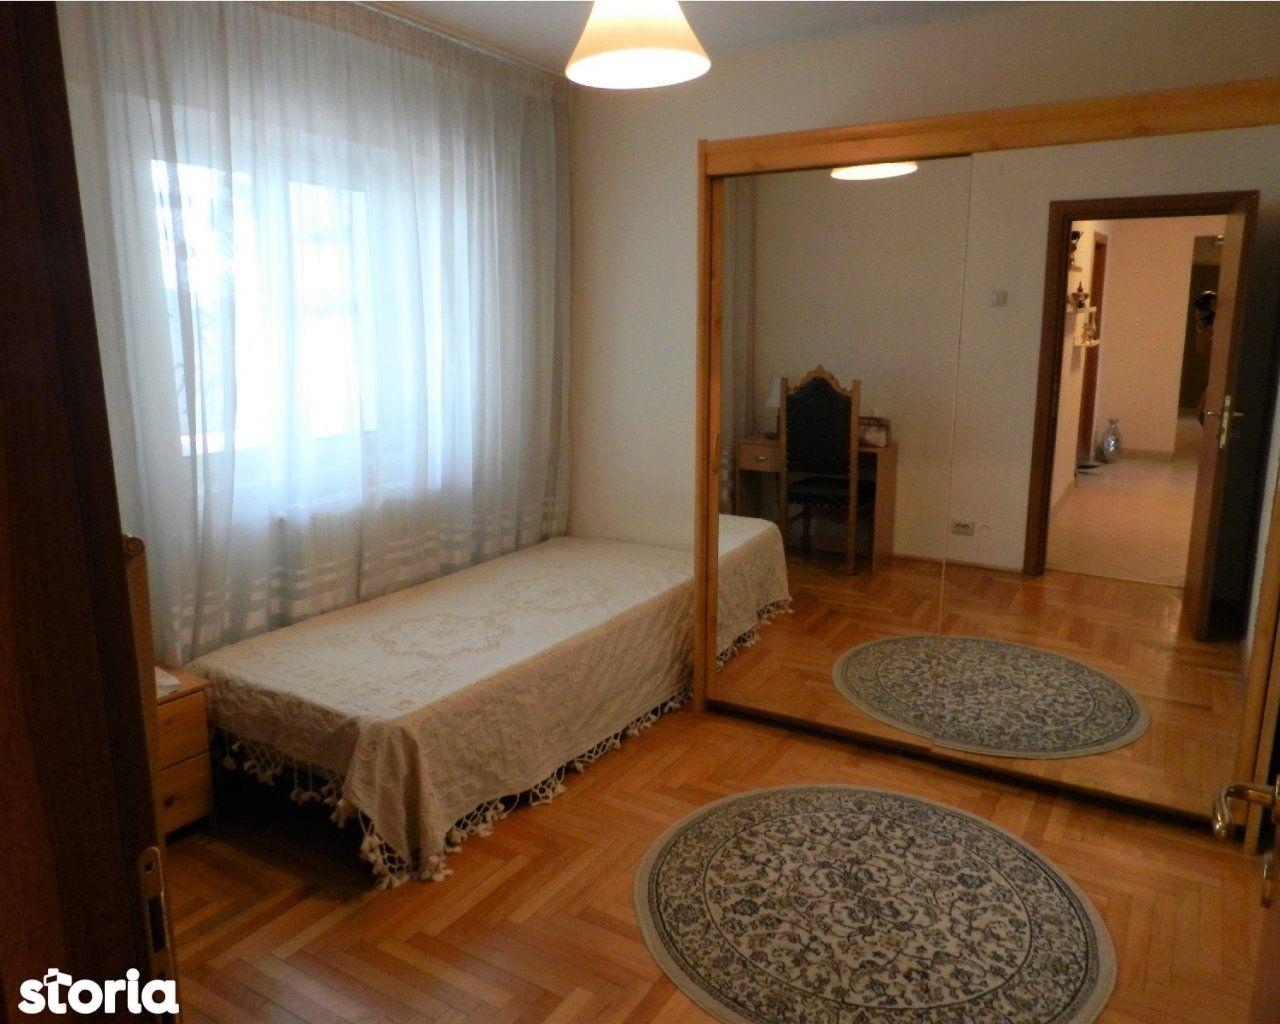 Apartament de vanzare, București (judet), Calea Victoriei - Foto 11